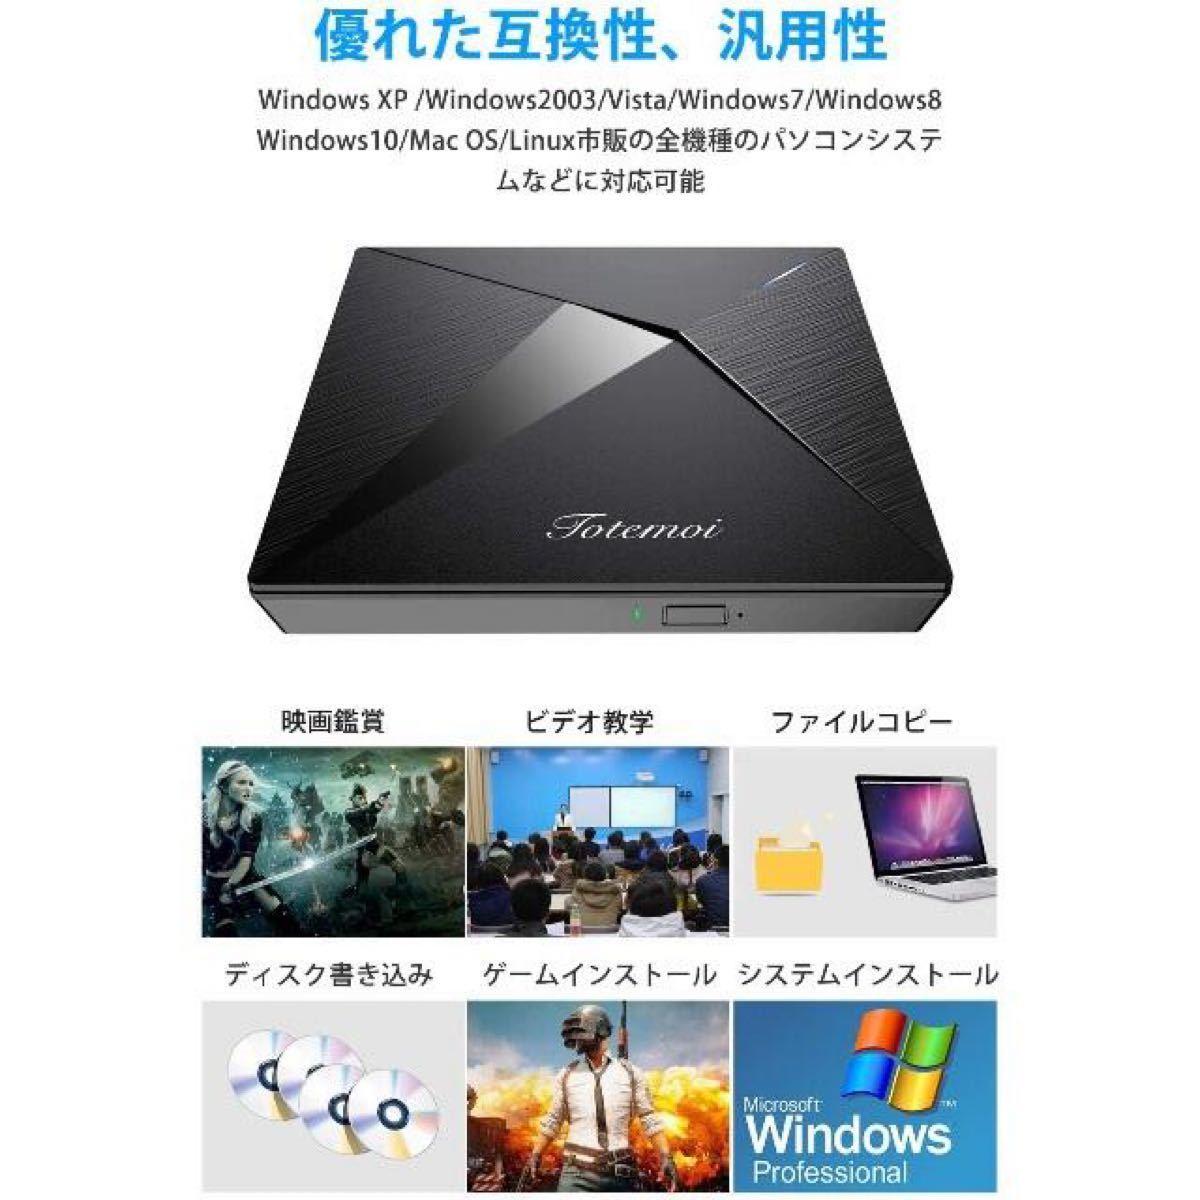 外付けDVDドライブ USB3.0 CD-RW ポータブル DVDプレイヤー